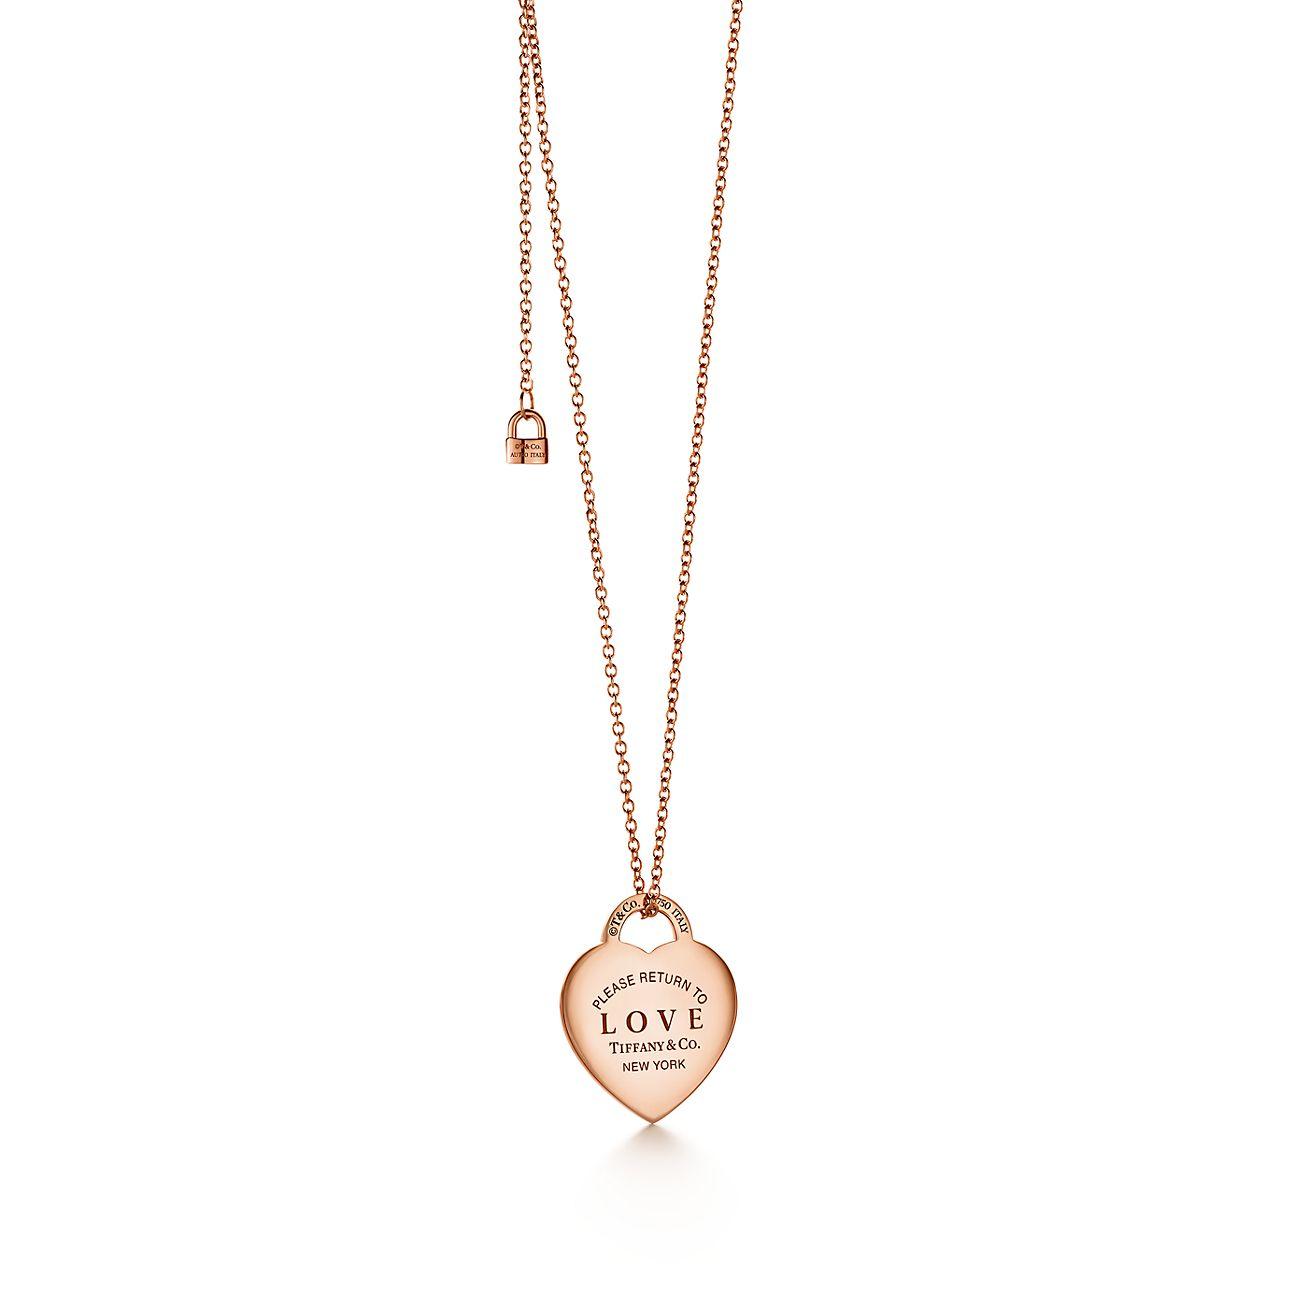 Return to Tiffany Love pendant in 18k rose gold Tiffany & Co.